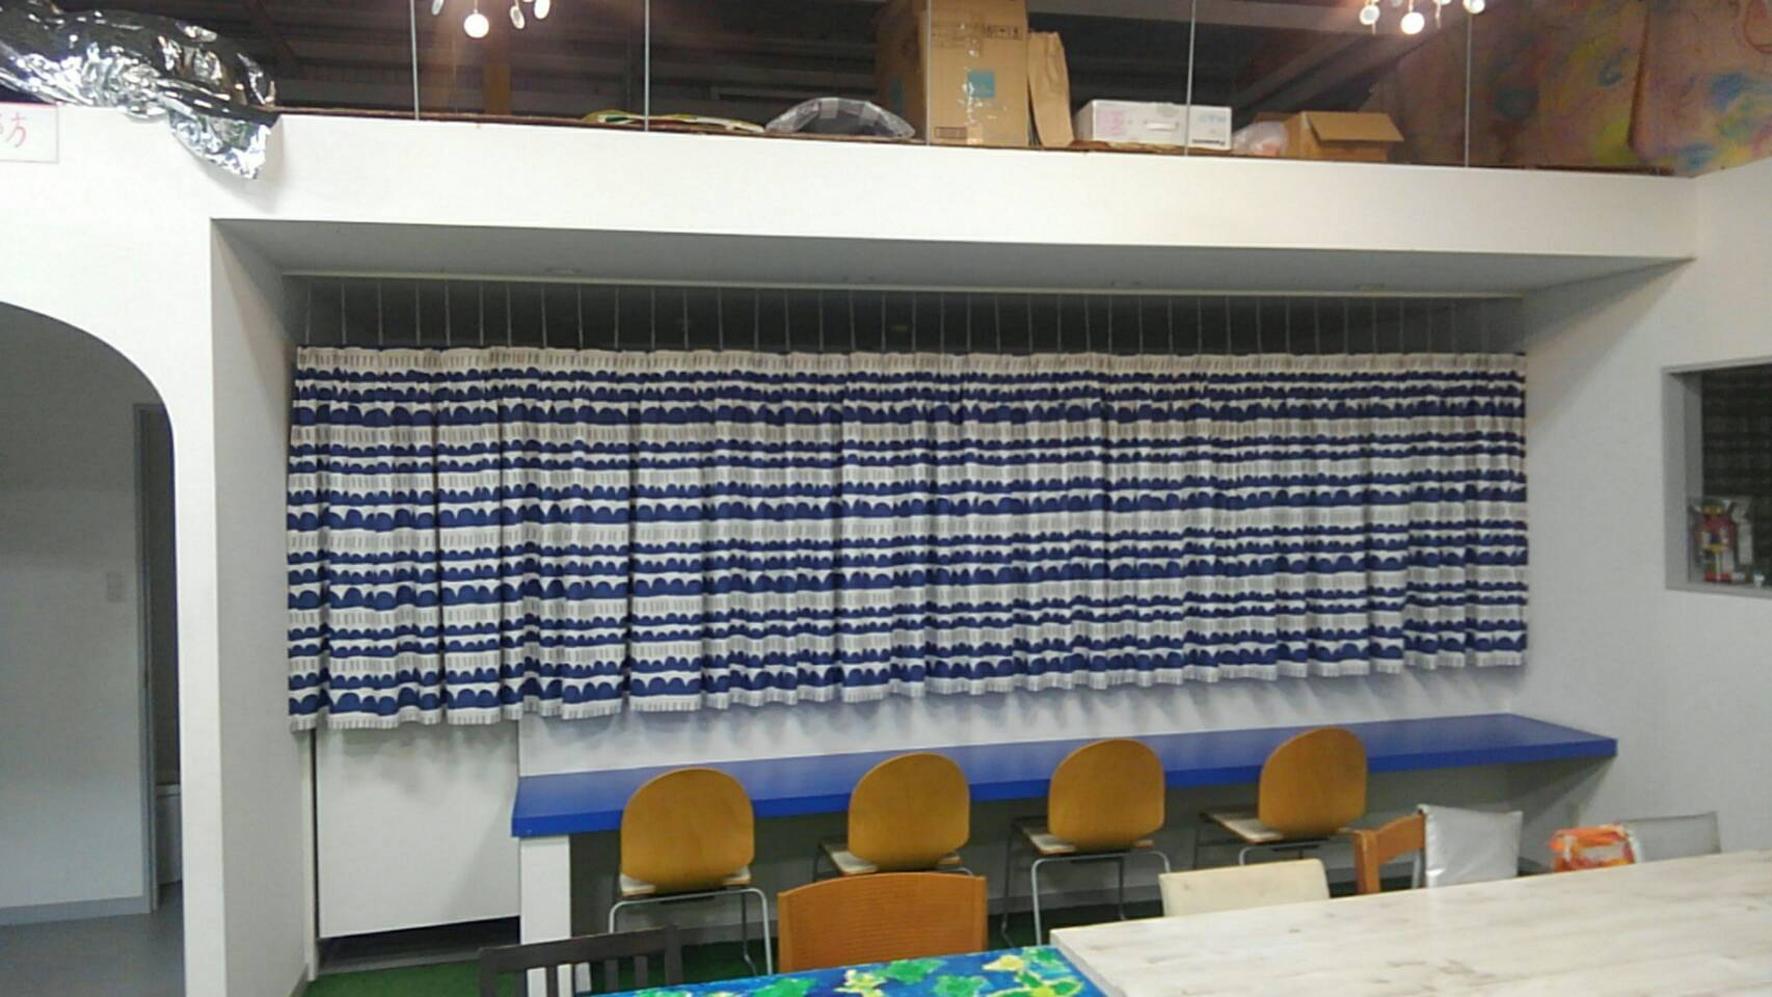 店舗デザイン インテリアデザイン shopdesign interiordesign 横浜名古屋 アトリエブルート